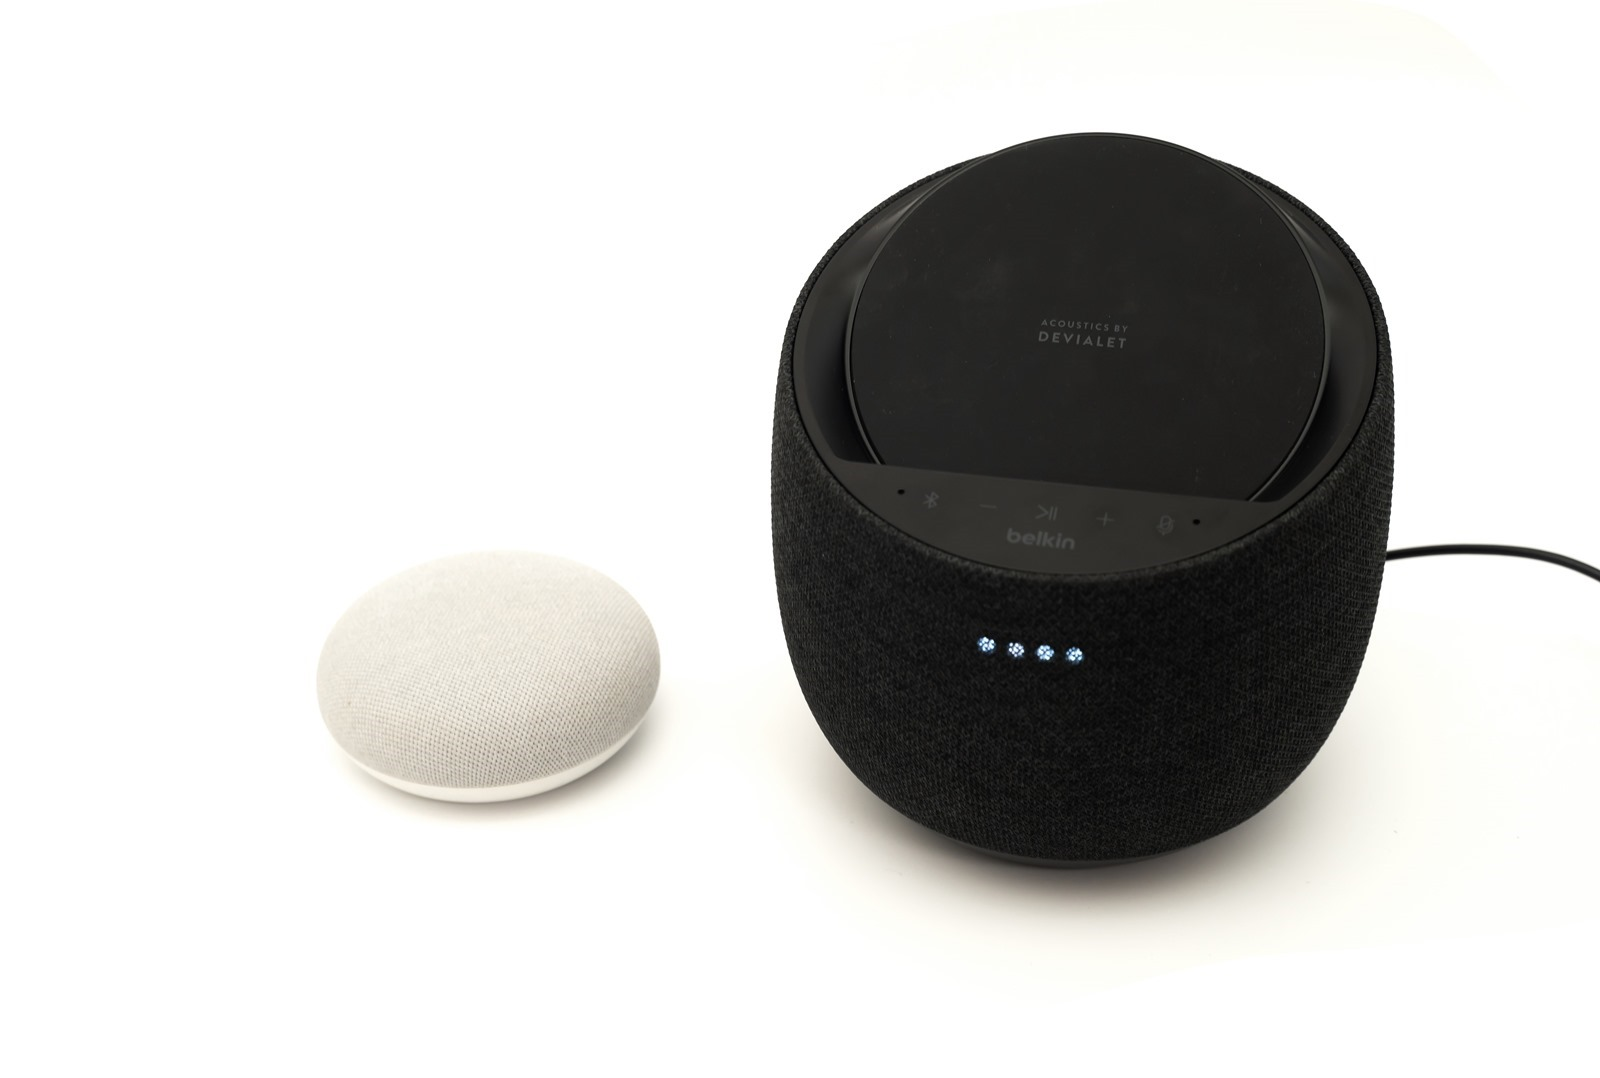 智慧型揚聲器音響+無線充電器!belkin SOUNDFORM™ ELITE Hi-Fi 帶來美型質感新生活 @3C 達人廖阿輝